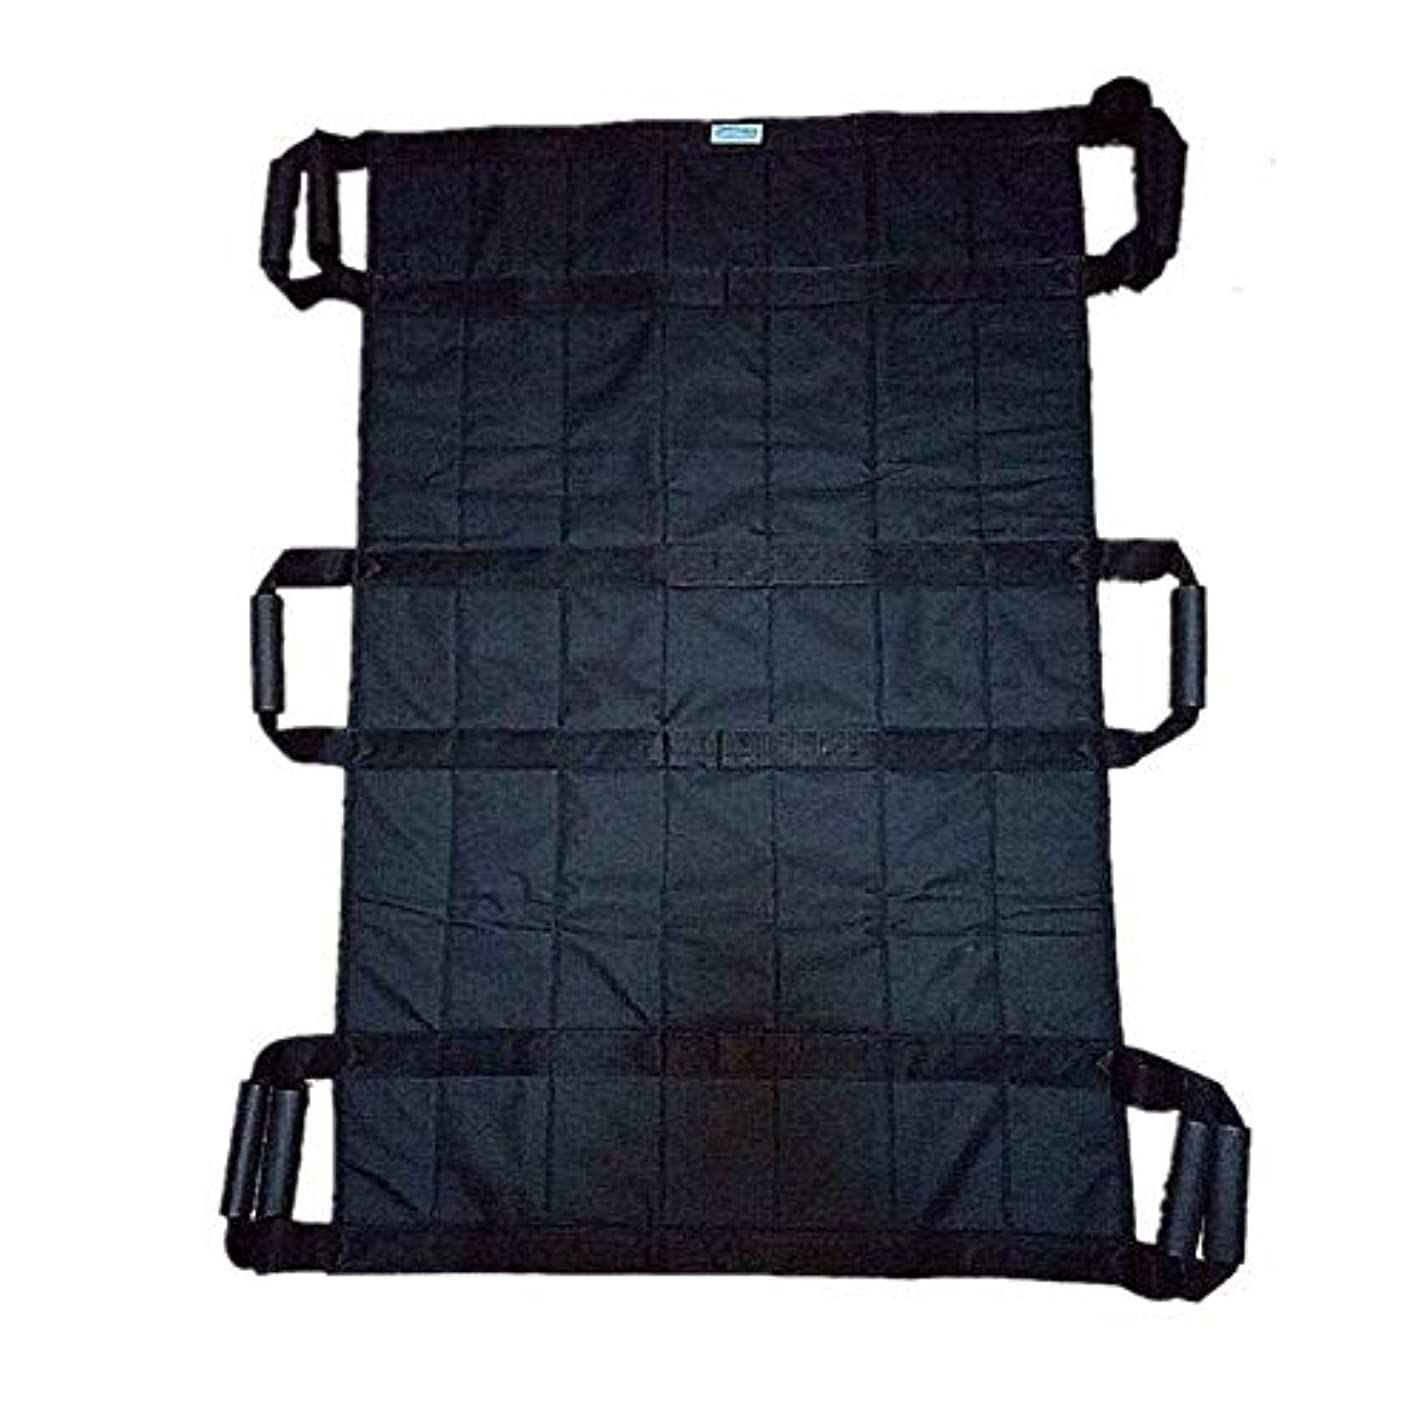 欠陥佐賀オーストラリア人トランスファーボードスライドベルト-患者リフトベッド支援デバイス-患者輸送リフトスリング-位置決めベッドパッド